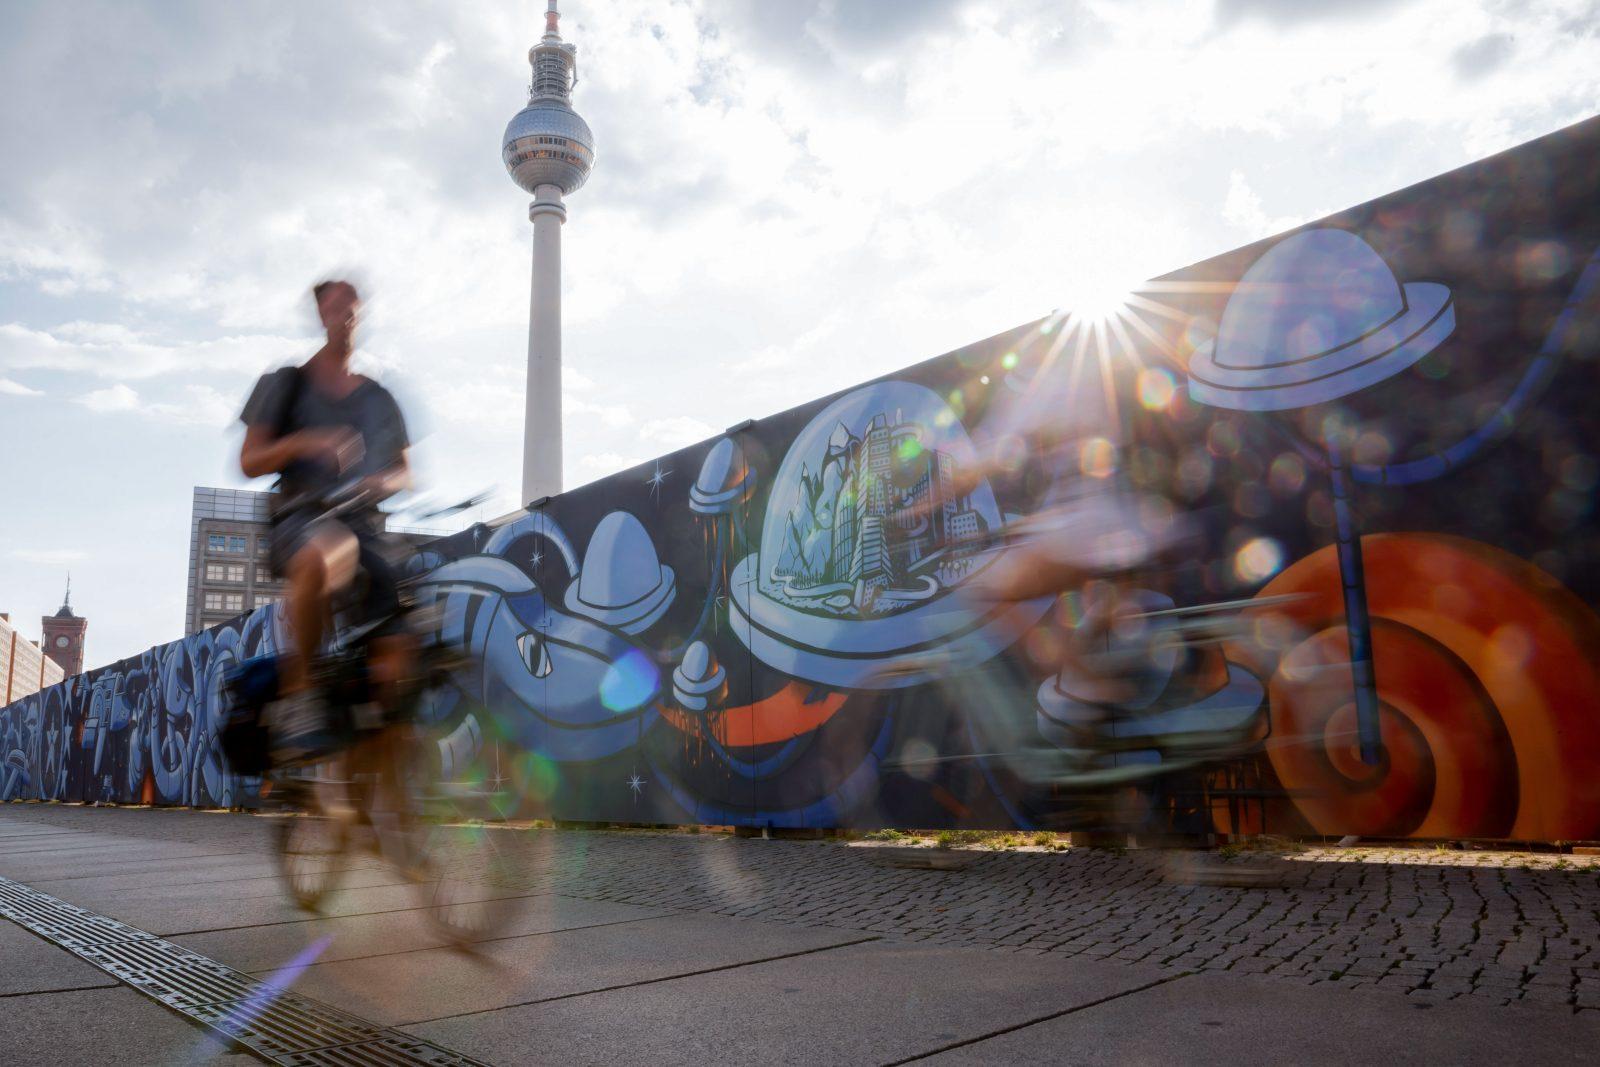 Live-Fertigstellung des größten Street-Art-Projektes am Alexanderplatz